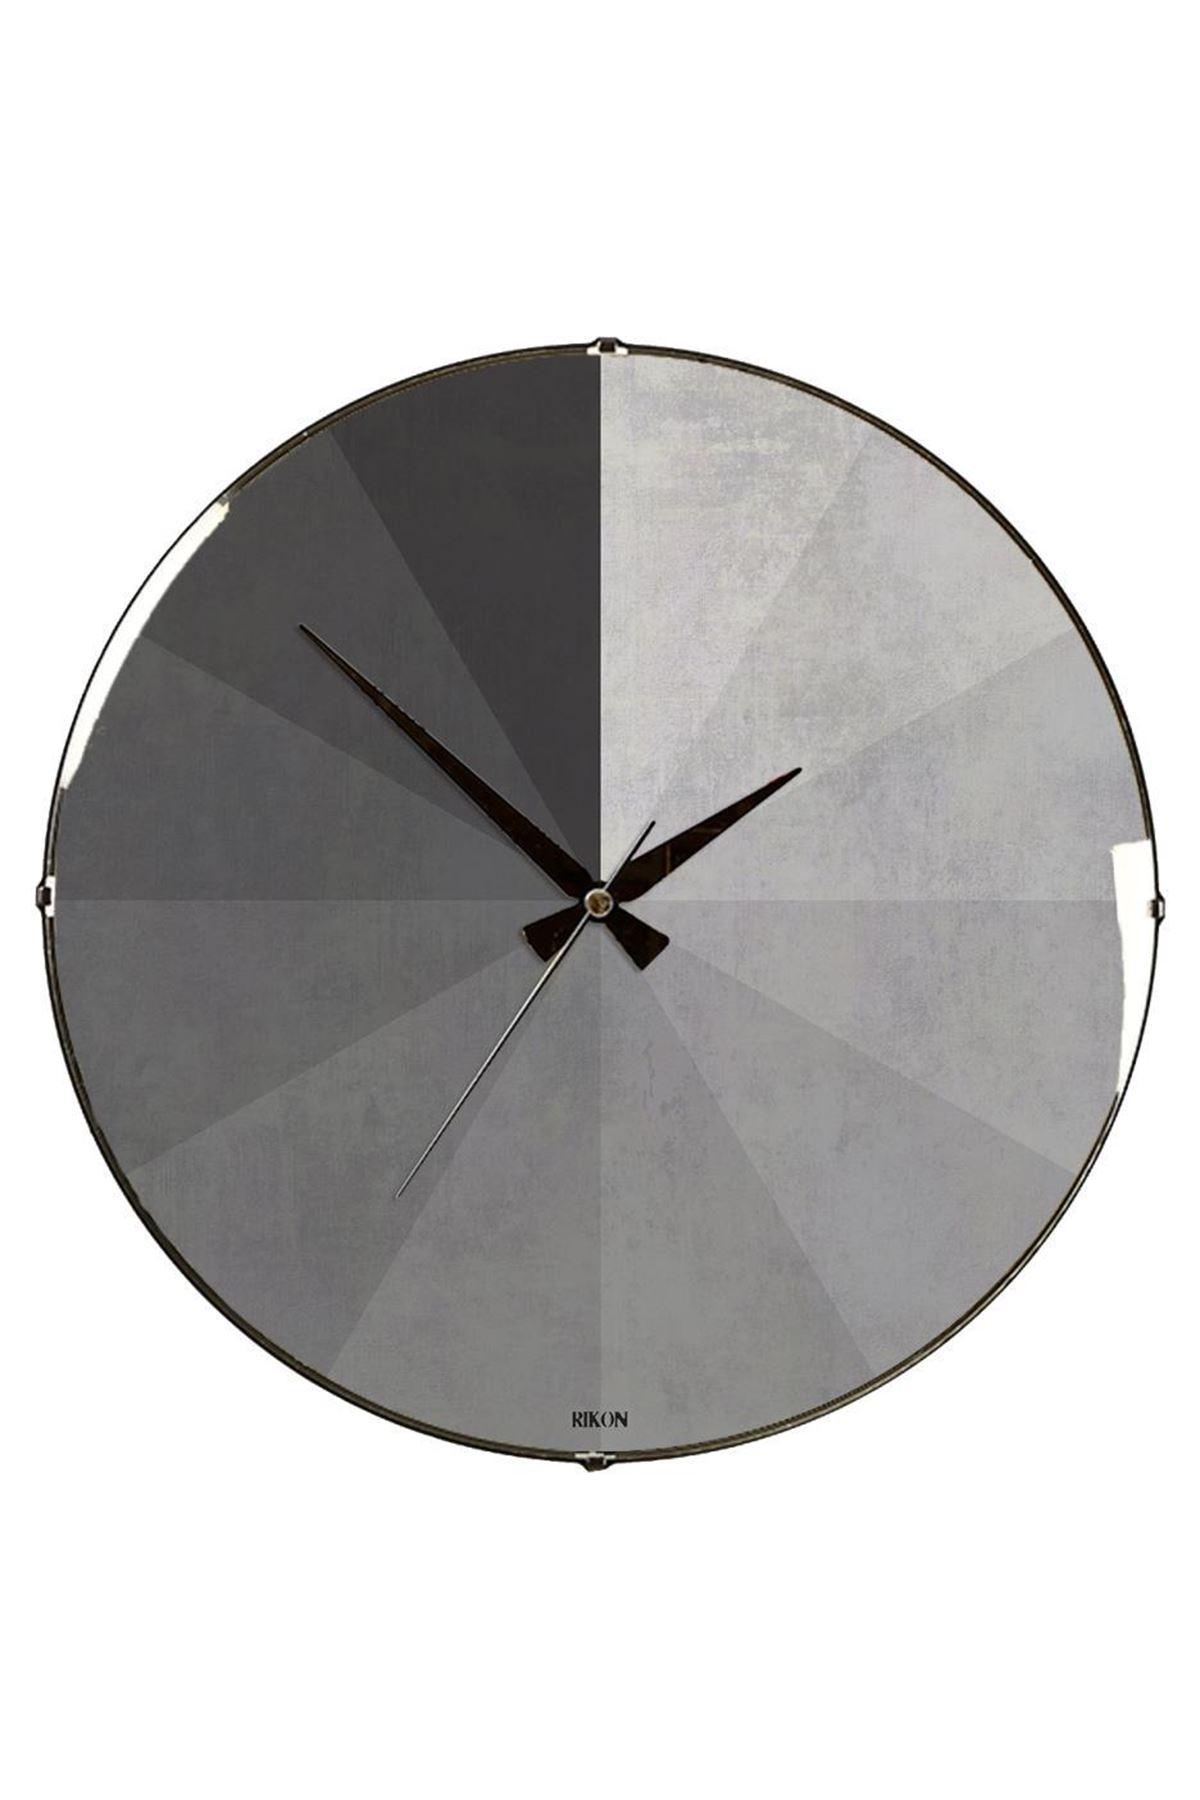 Rikon Gri Geometrik Desen Dekoratif Bombe Camlı Duvar Saati